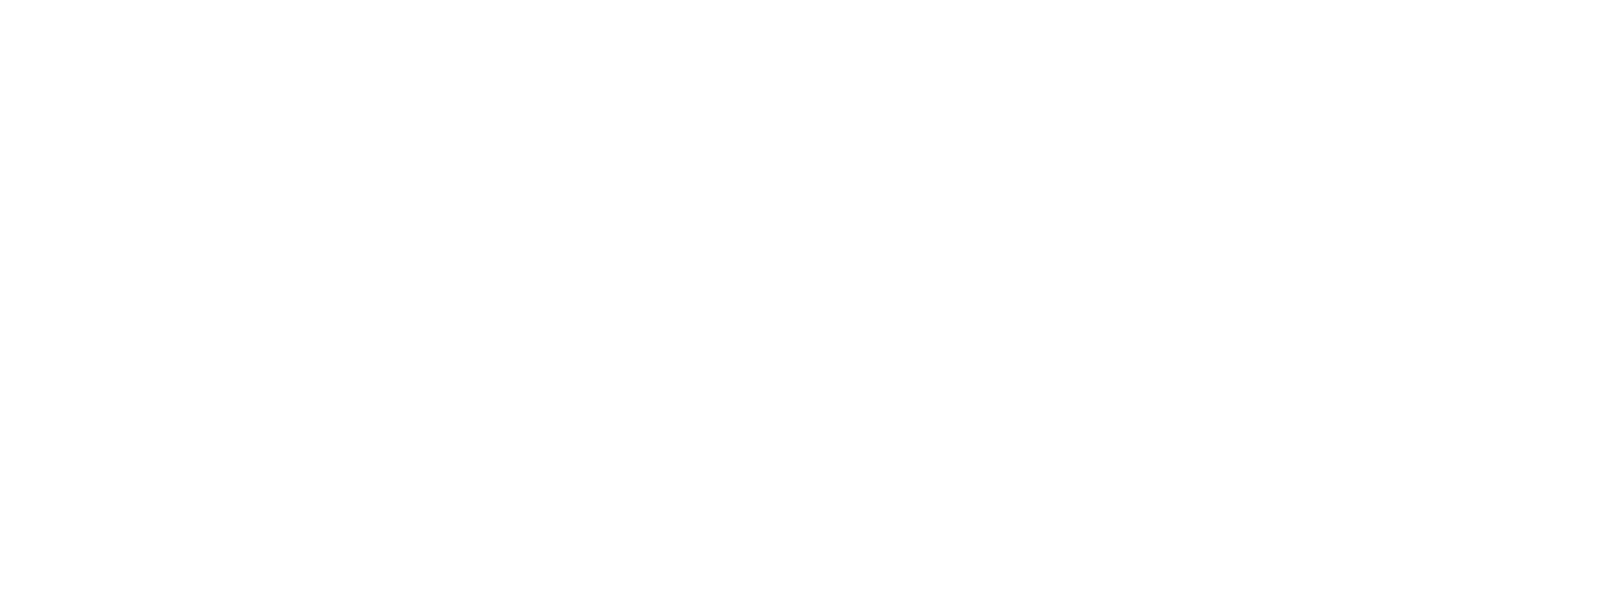 لایه هشتم اسلایدر سی و پنجمین جشنواره تئاتر فجر ، عکاسی ، هویت بصری ، شرکت تبلیغاتی الف ، طراحی لوگو ، طراحی لوگوتایپ ، طراحی هویت بصری ، هویت بصری سی و پنجمین جشنواره بین المللی تئاتر فجر